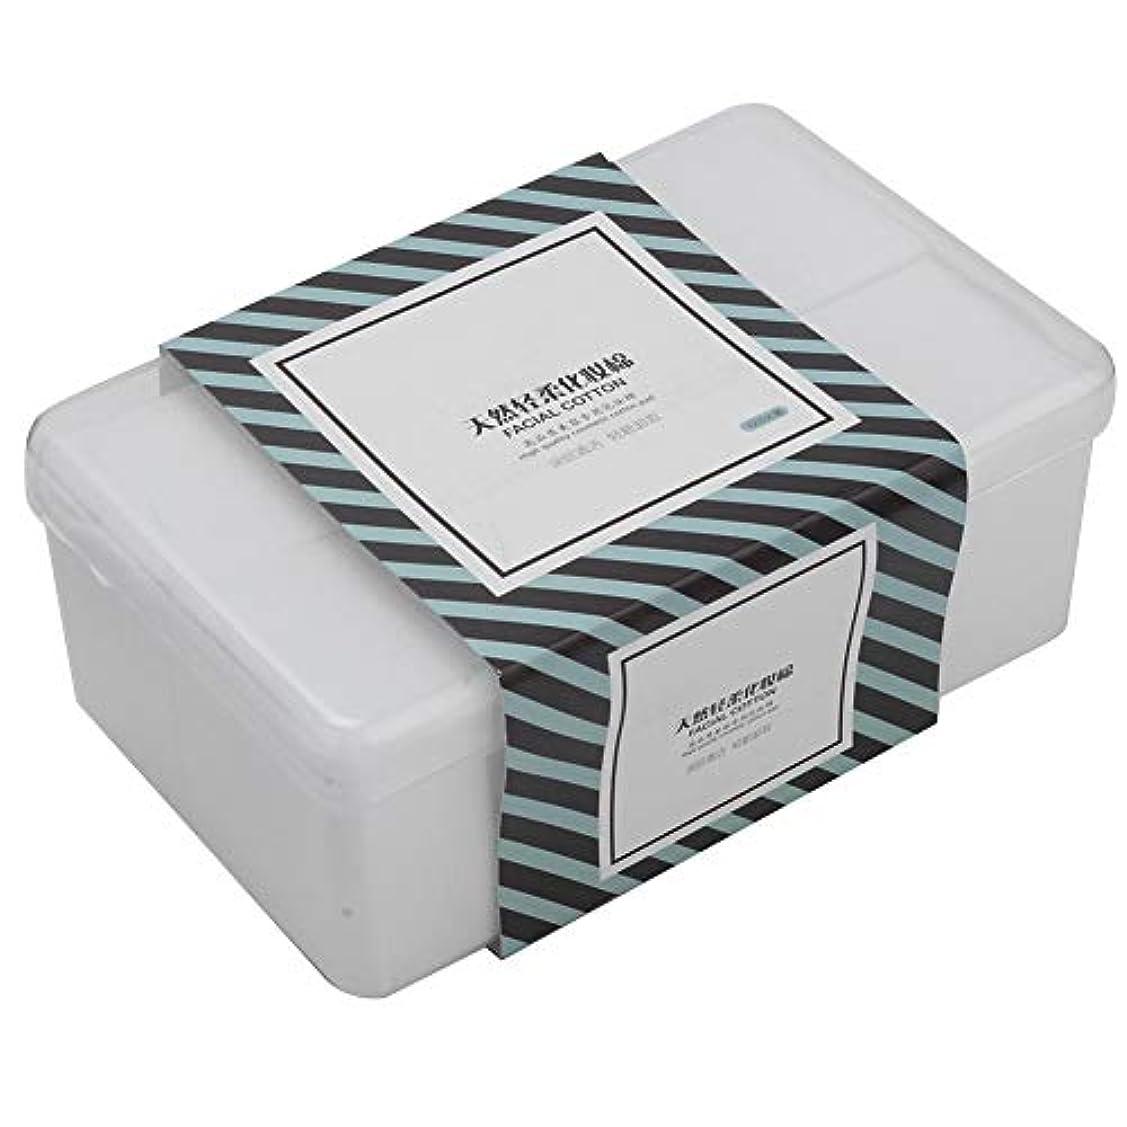 ホールドオールジョットディボンドン用心する1000枚 /箱の構造の綿パッドの化粧品は清潔になりますスキンケアを拭きます